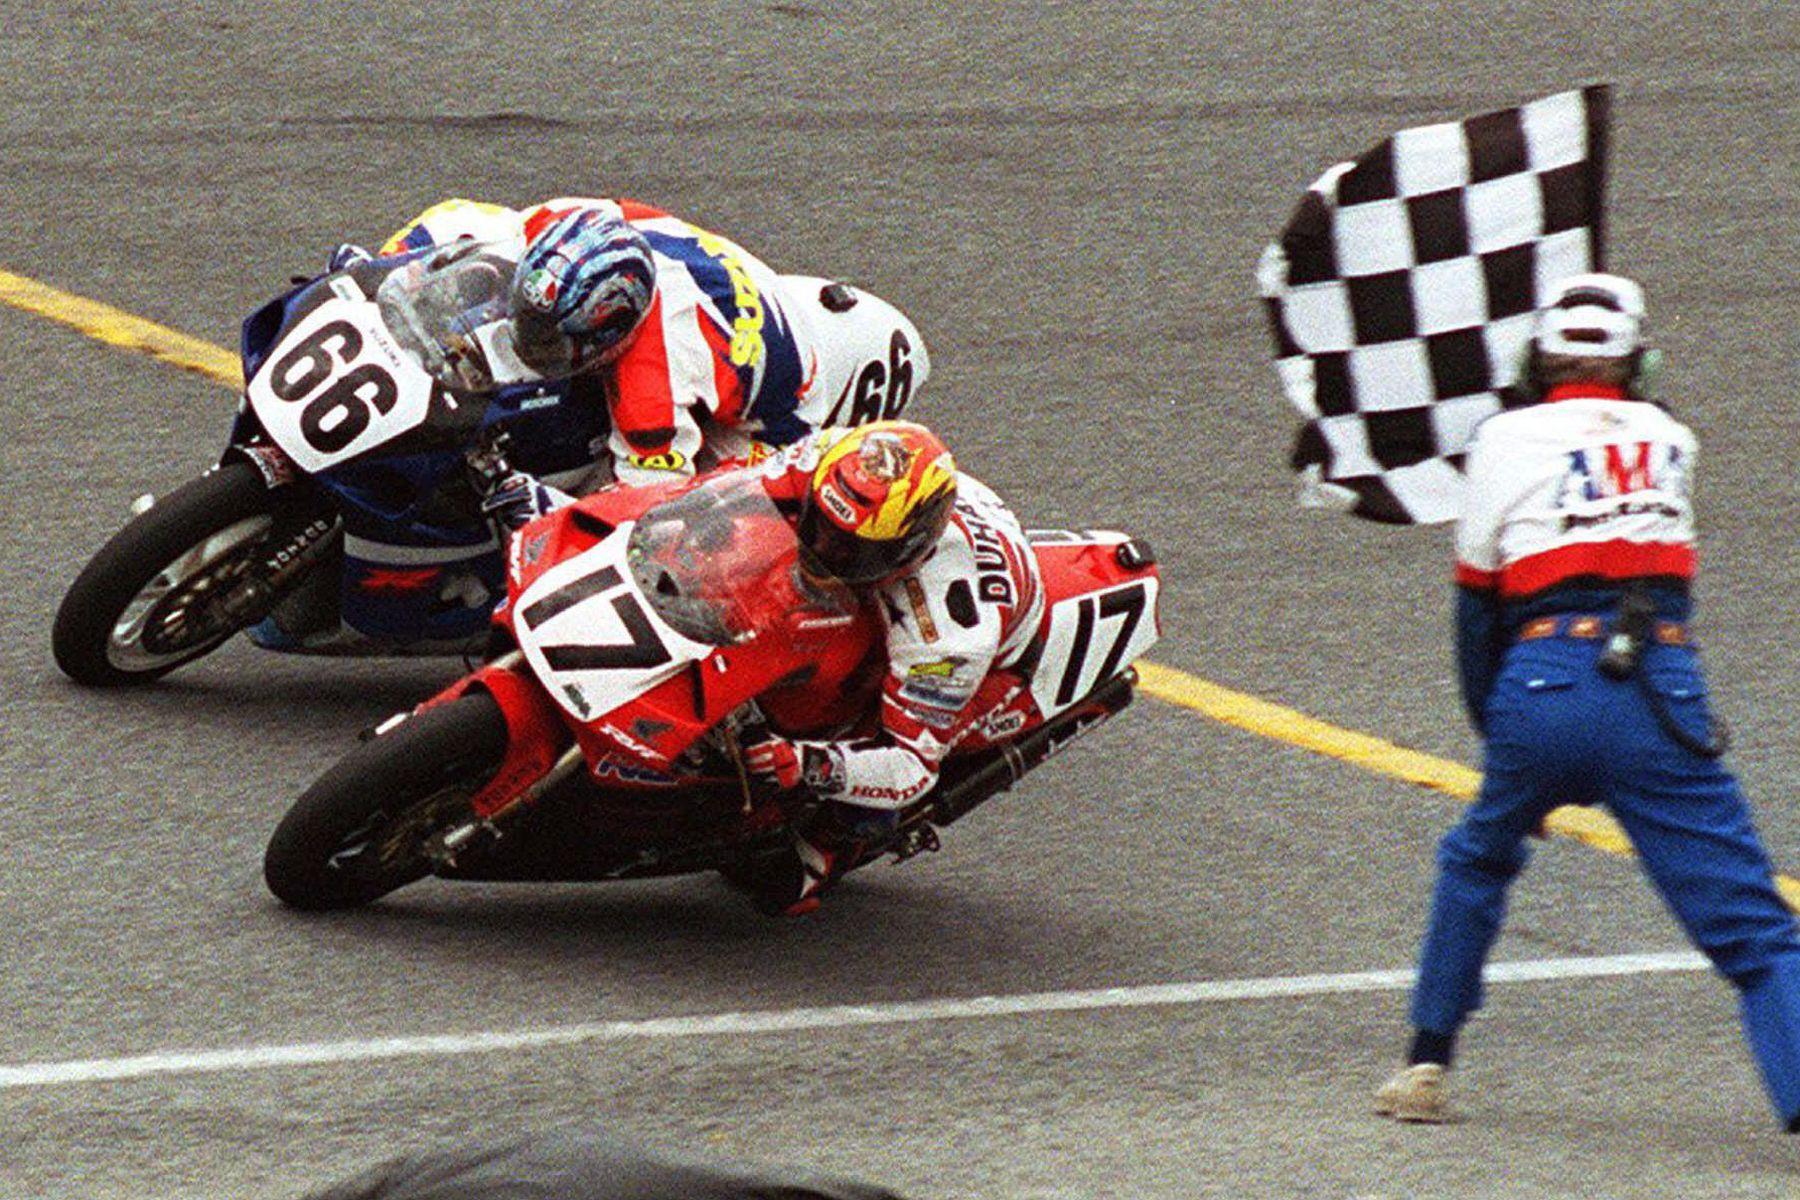 miguel duhamel, champion de course de moto racer champion de moto rider canada